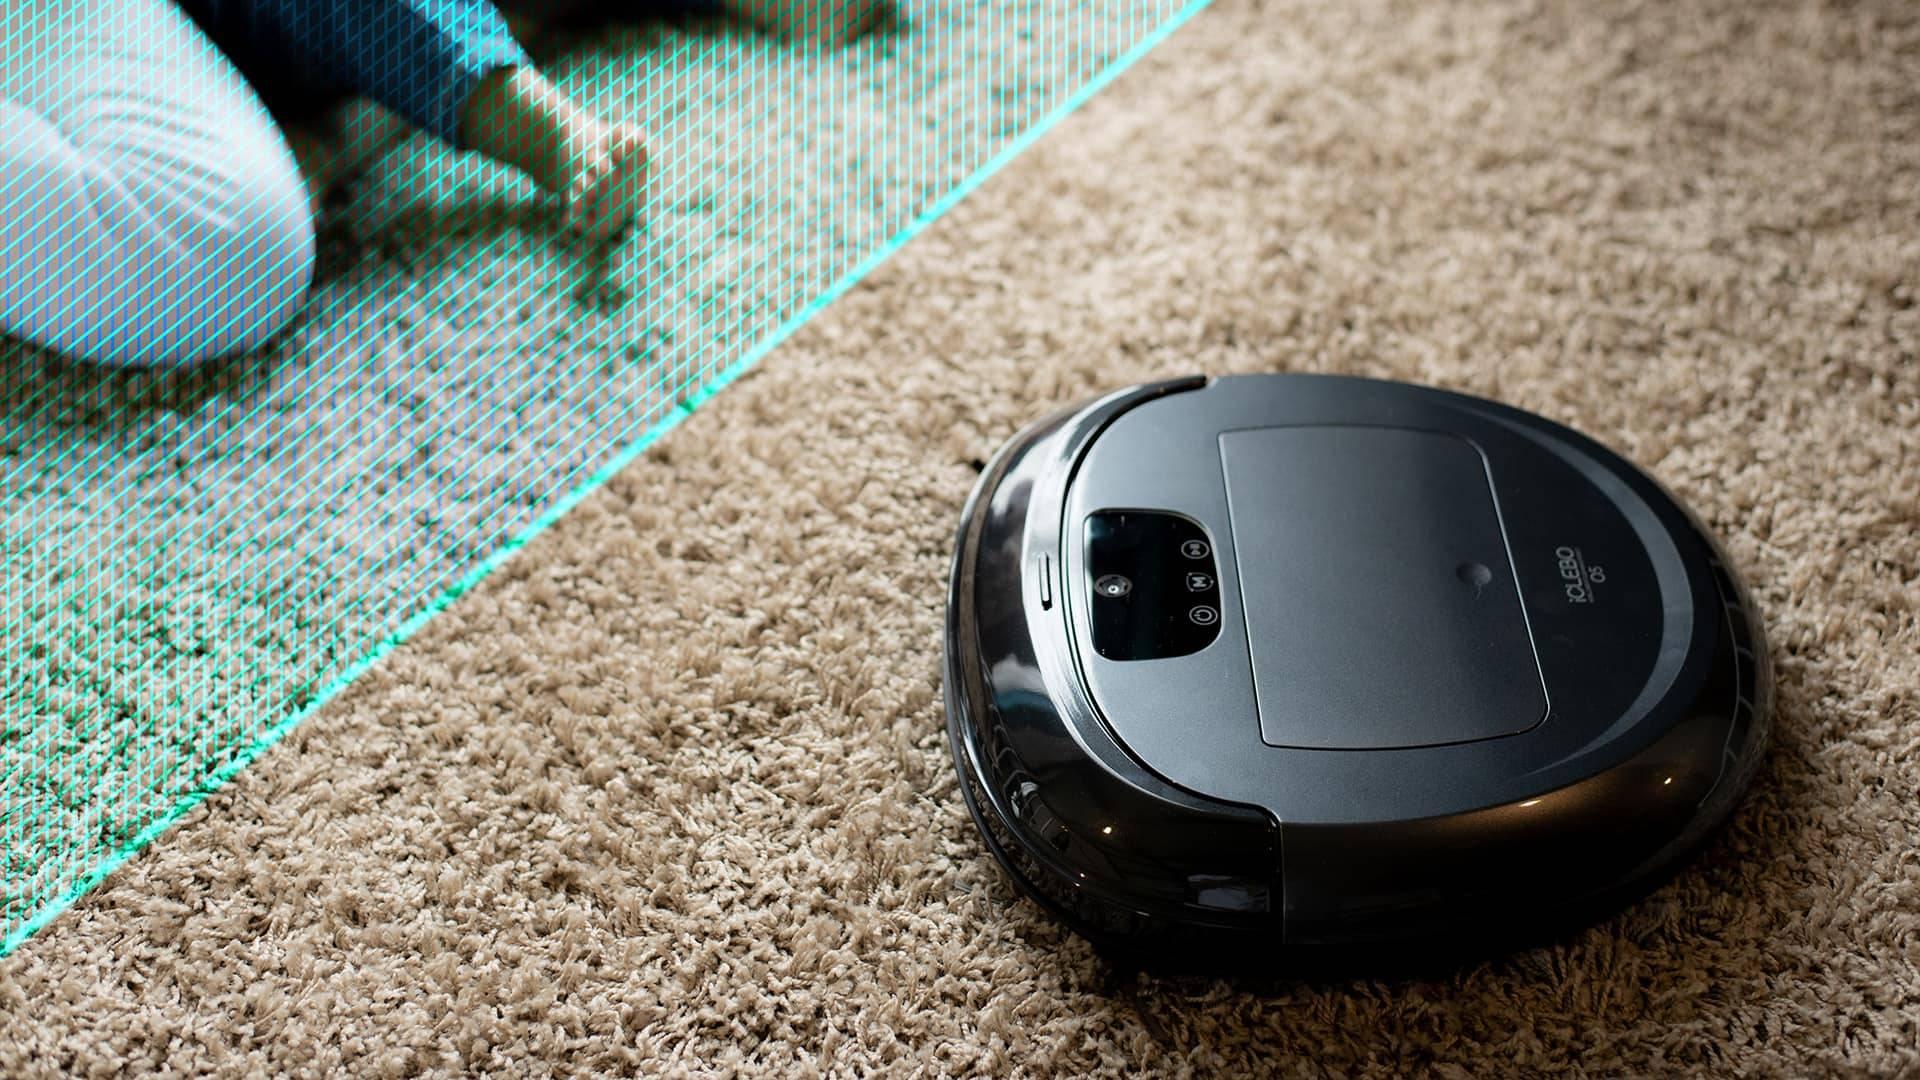 Робот-пылесос irobot или iclebo: сравнение приборов